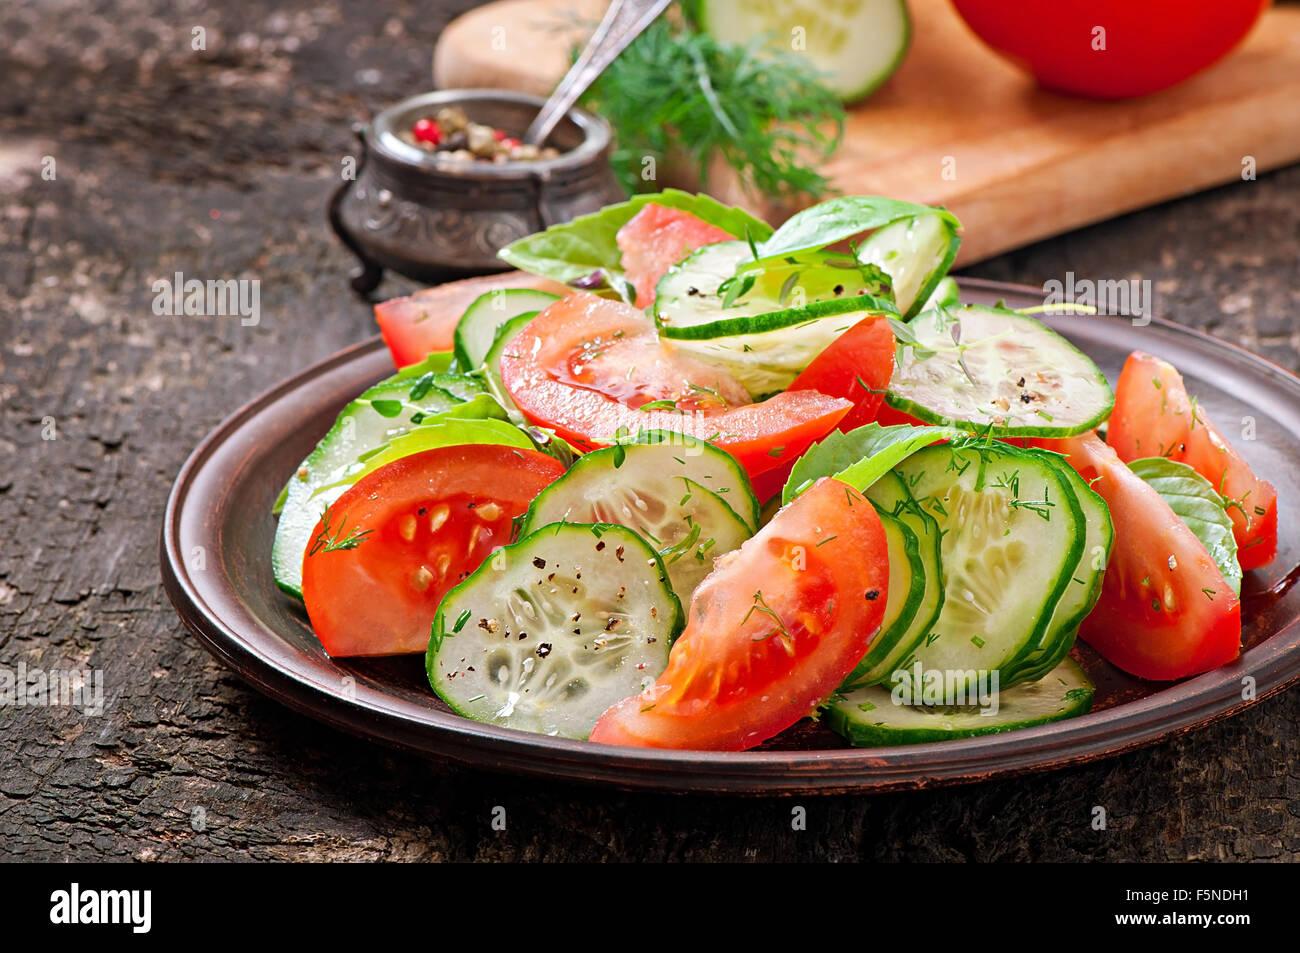 Salade de tomates et concombres au poivre noir et au basilic Photo Stock